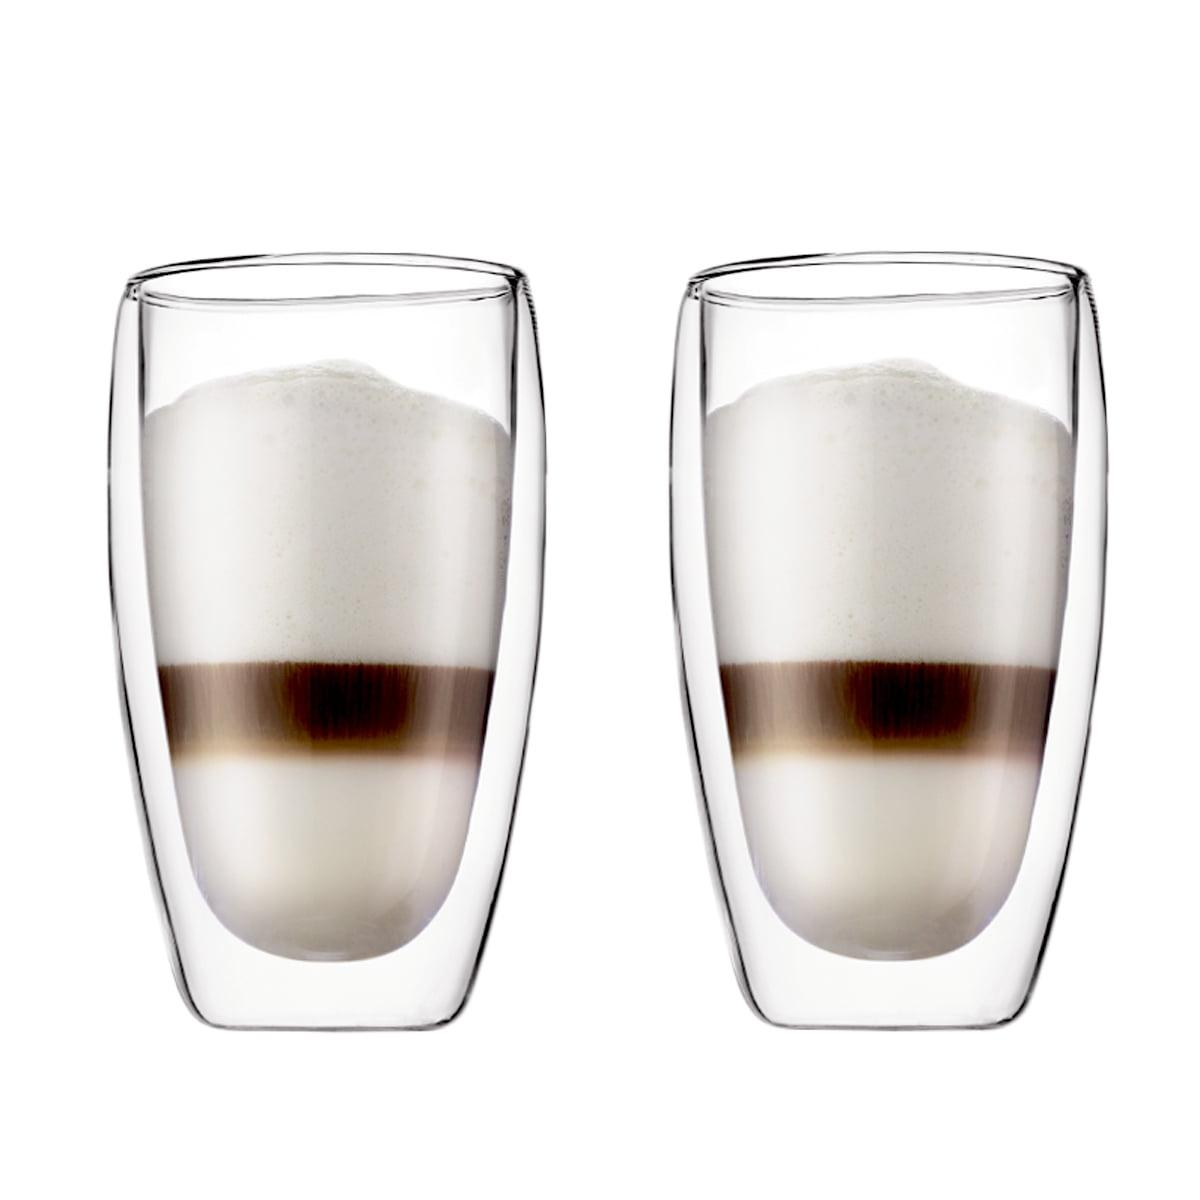 Ml Latte Glasses